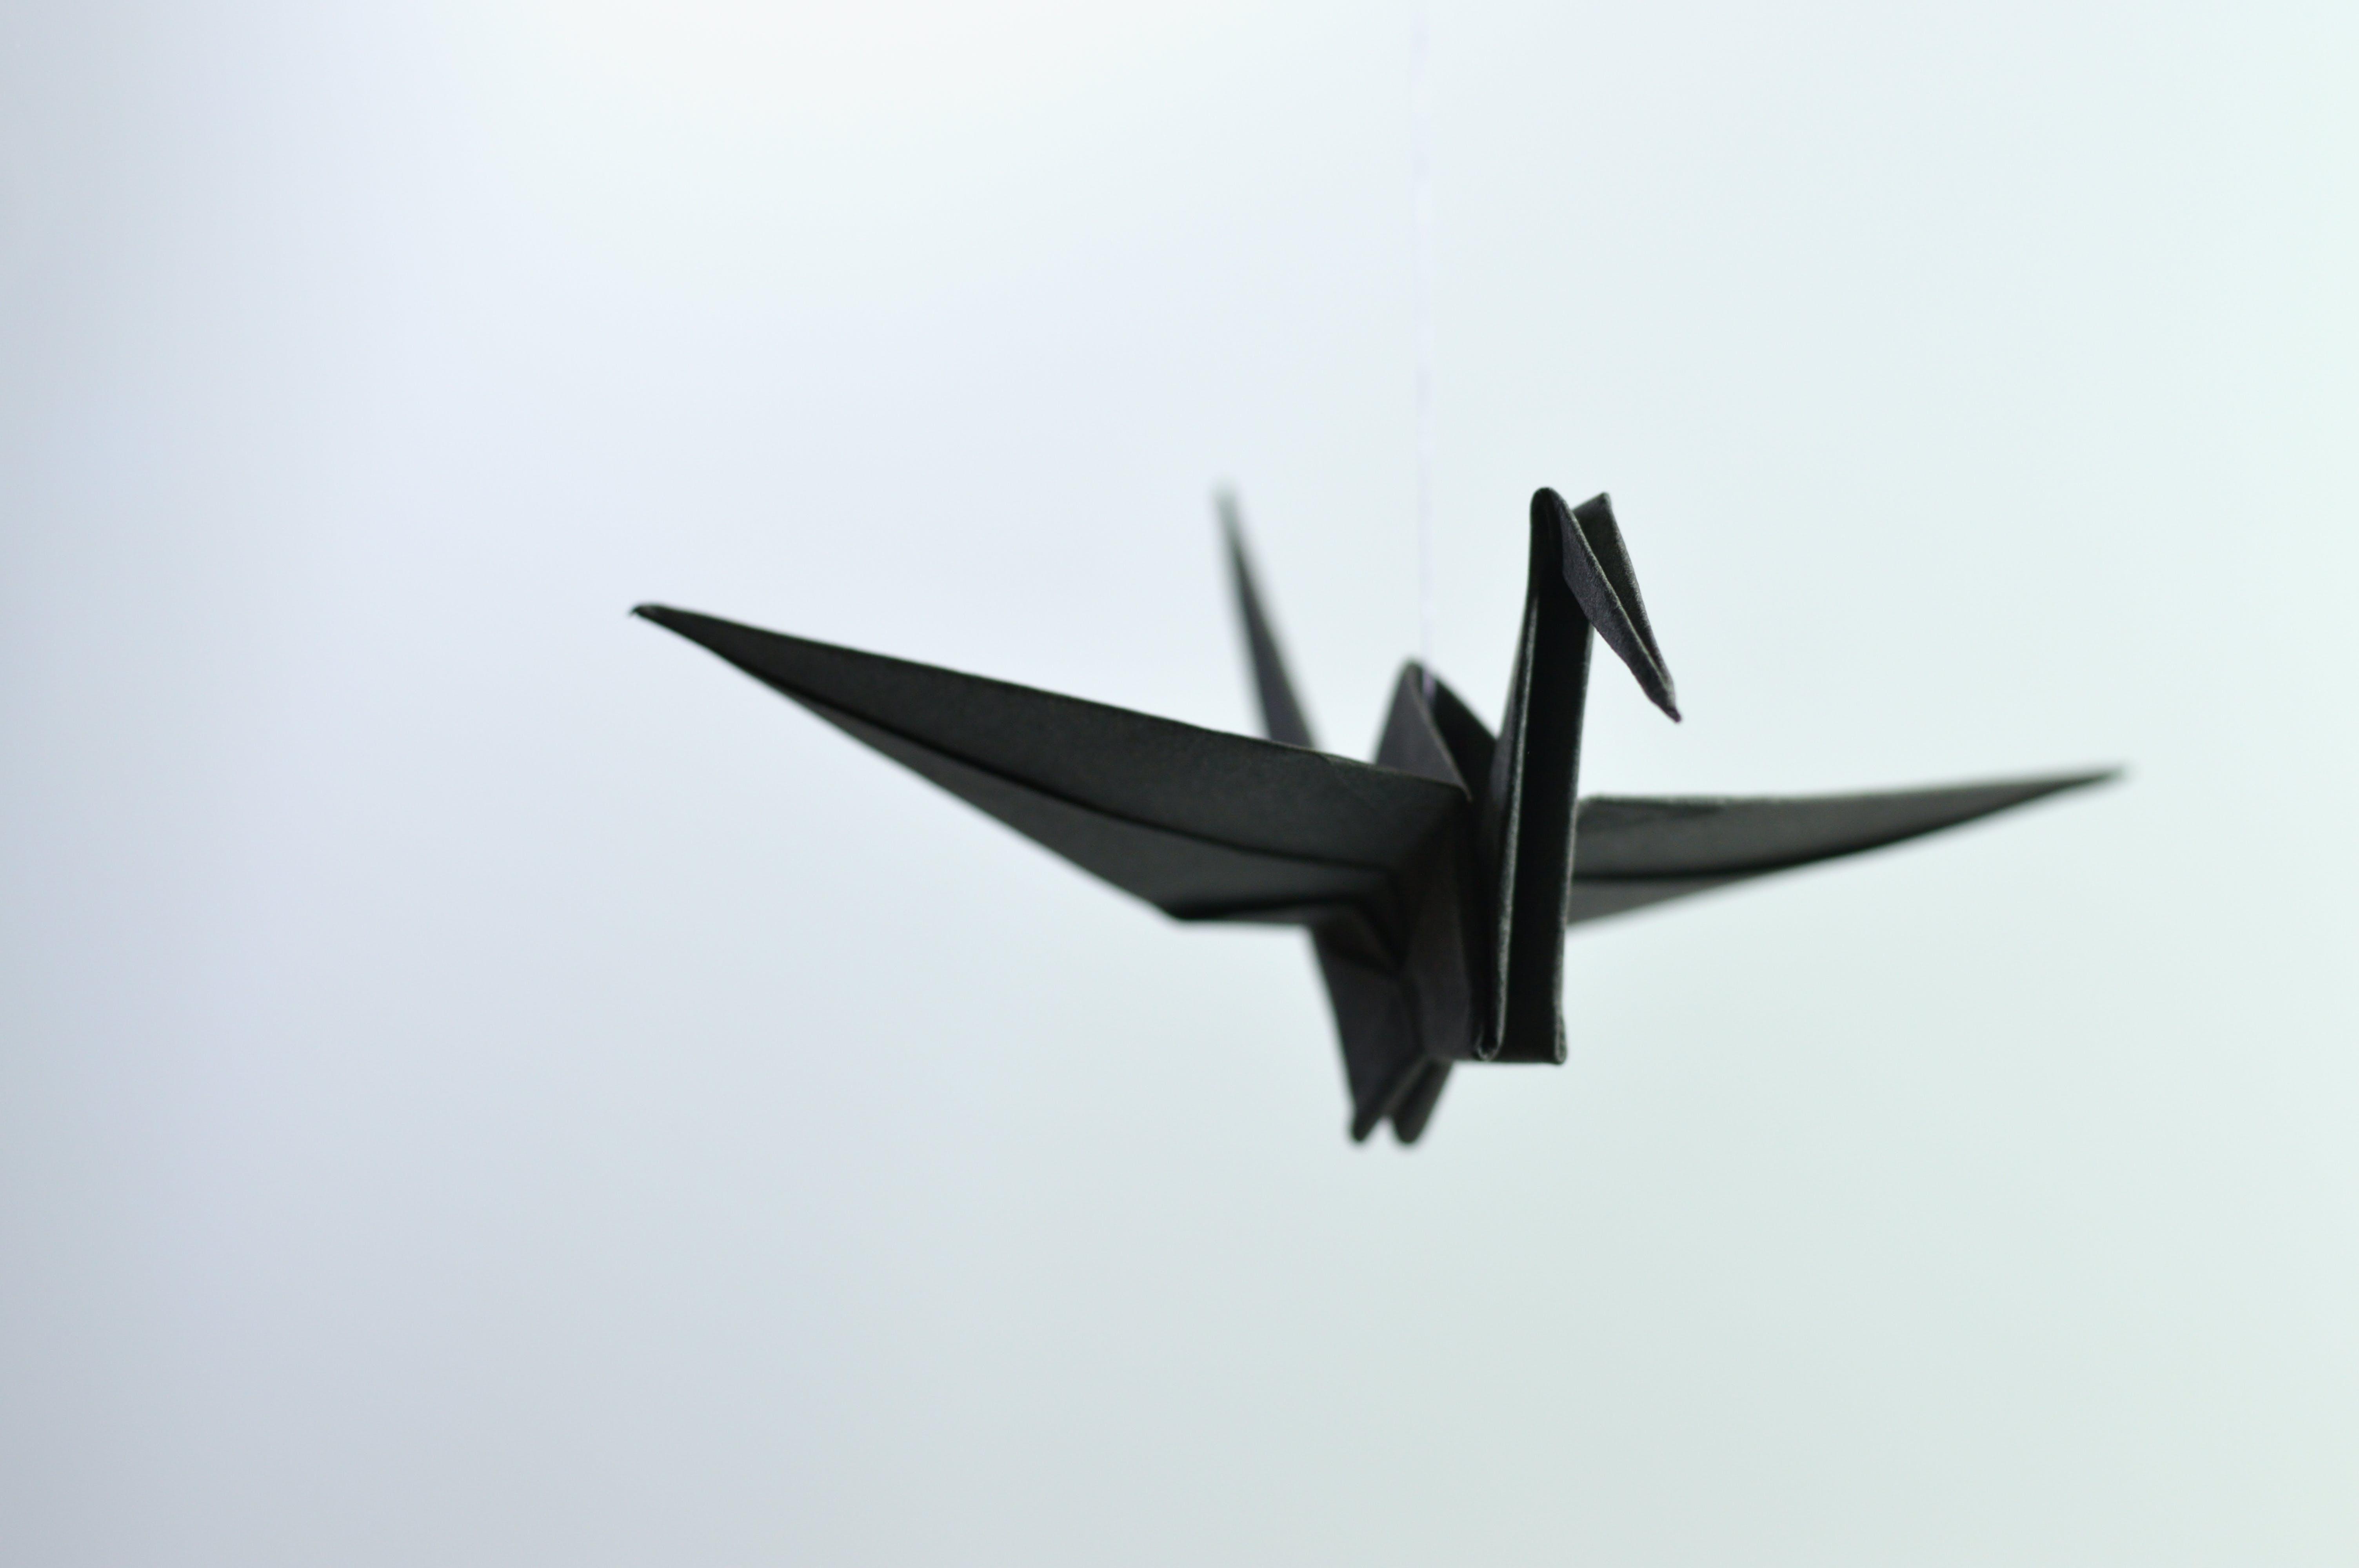 Kostenloses Stock Foto zu handgefertigt, hängen, kran, origami